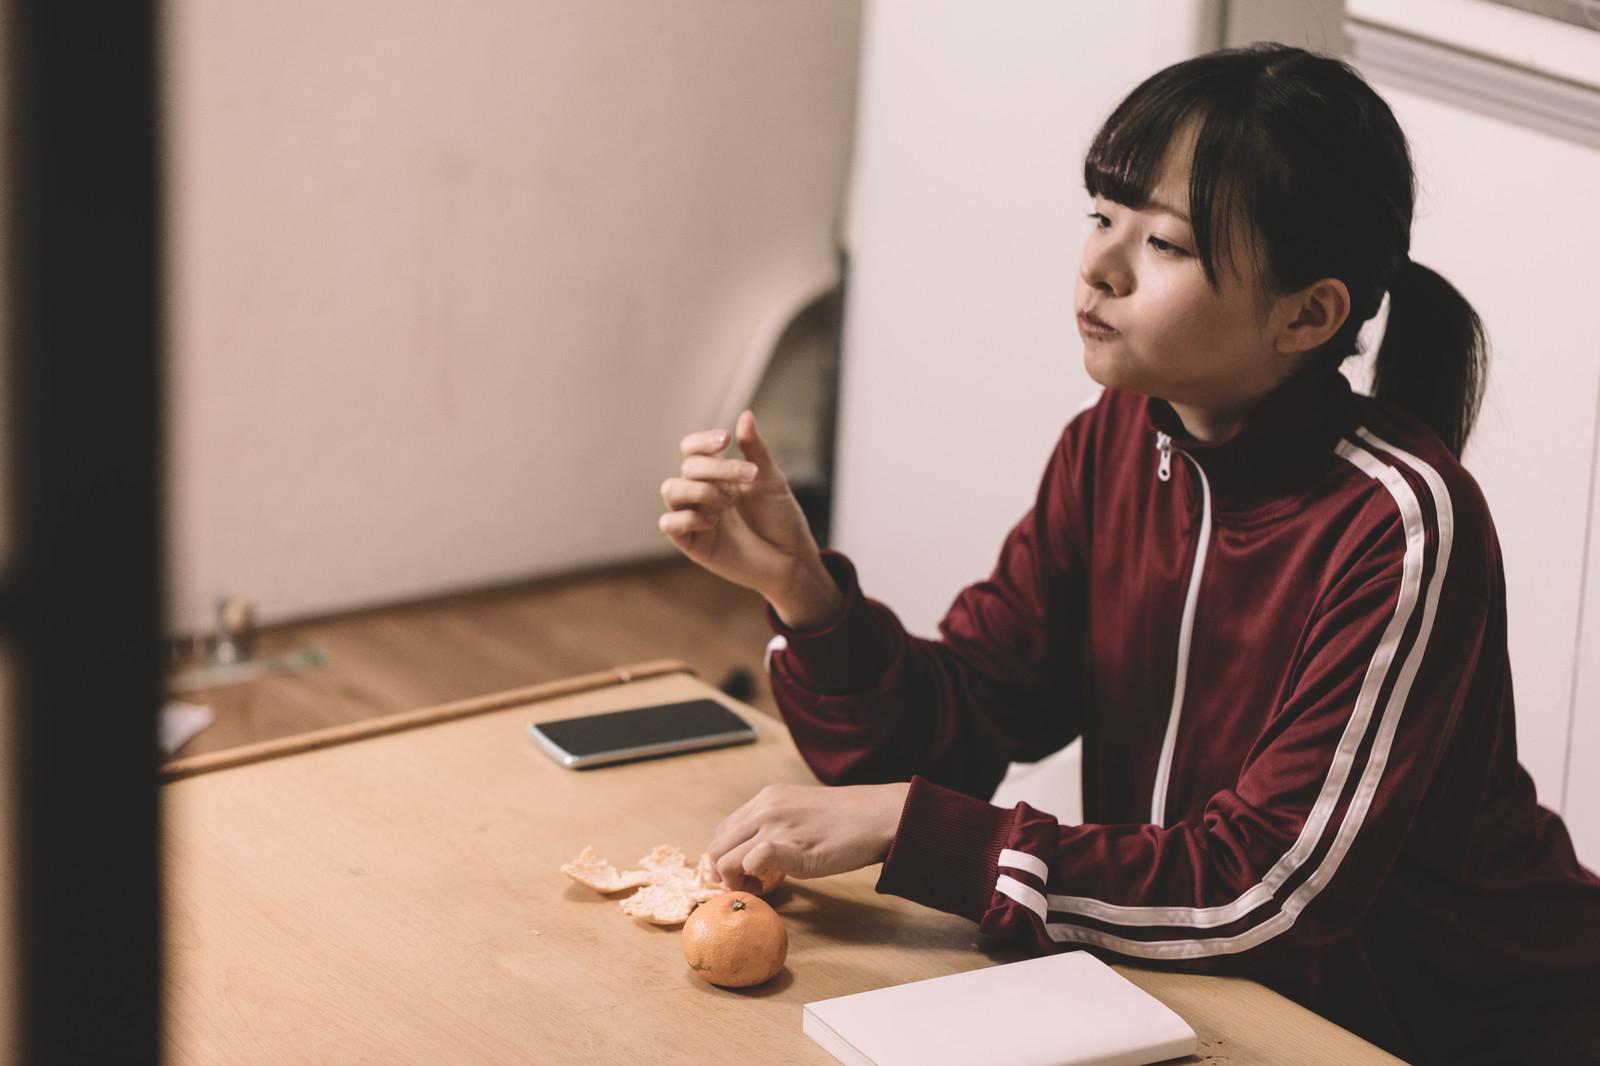 大檸檬示意圖(圖/翻攝自PAKUTASO)